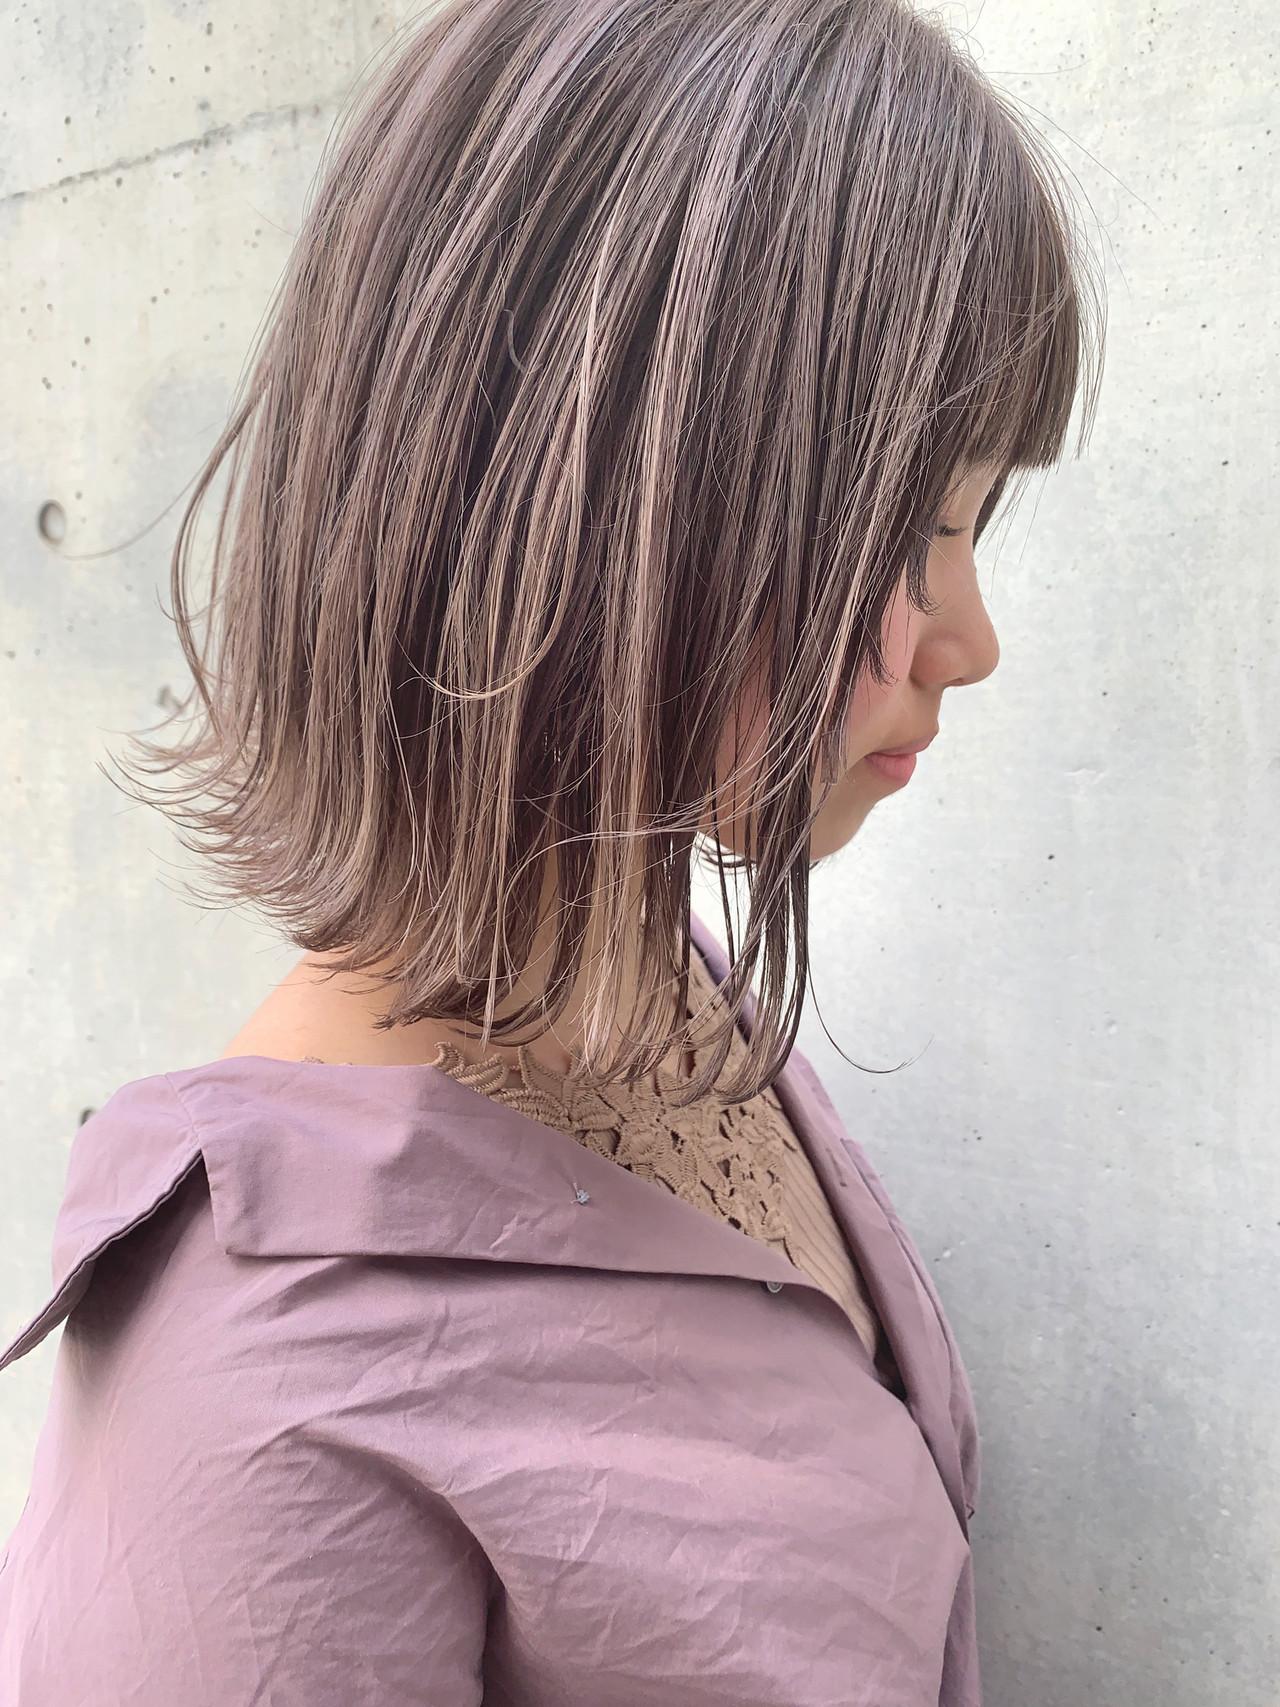 切りっぱなしボブ ショートヘア ミルクティーベージュ イルミナカラー ヘアスタイルや髪型の写真・画像